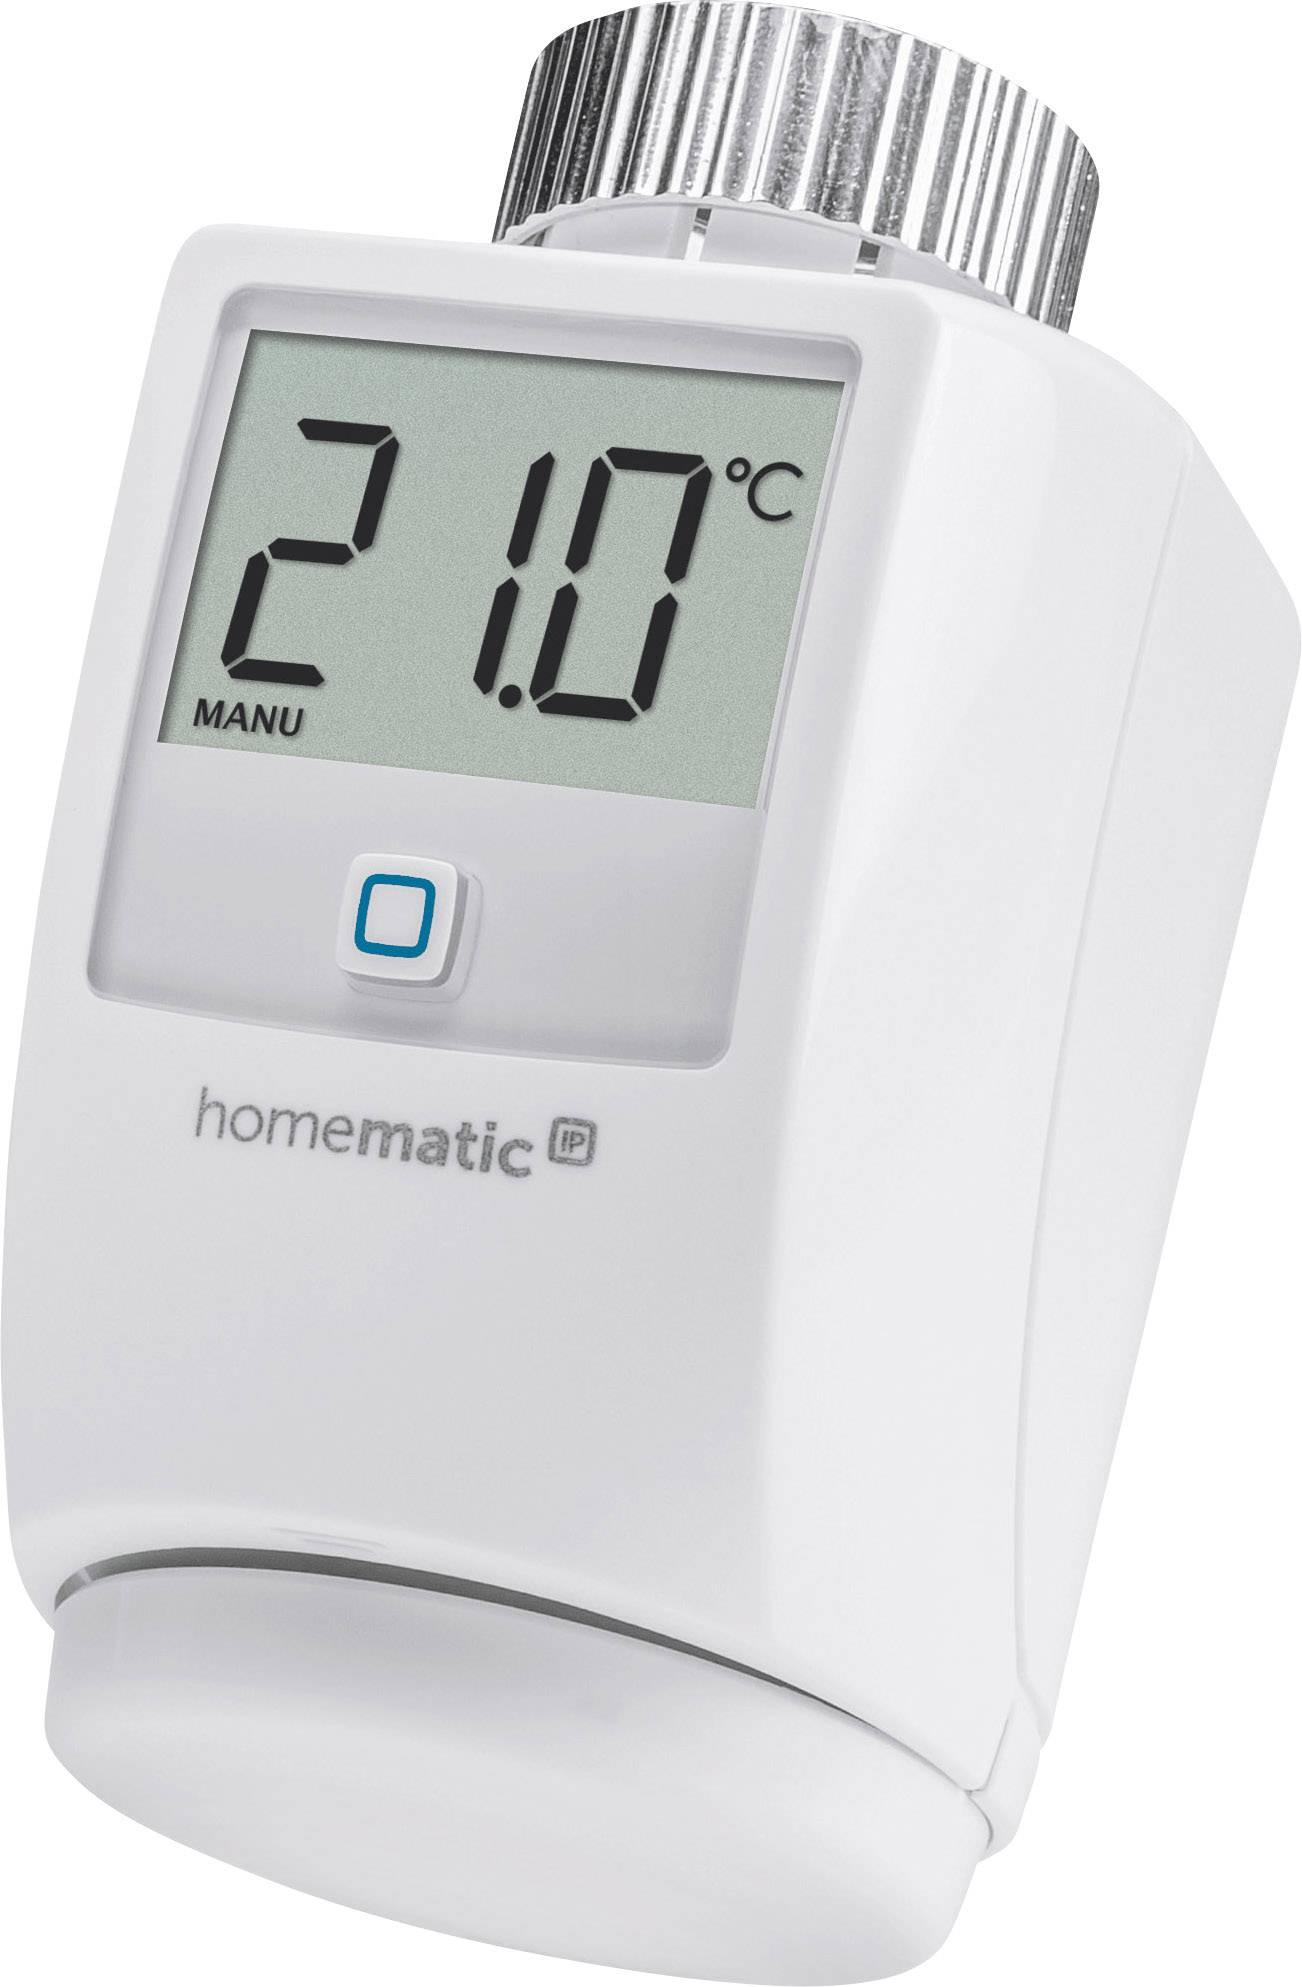 Bezdrôtoví termostatatická hlavica na radiátor Homematic IP HMIP-eTRV-2 Max. dosah 150 m